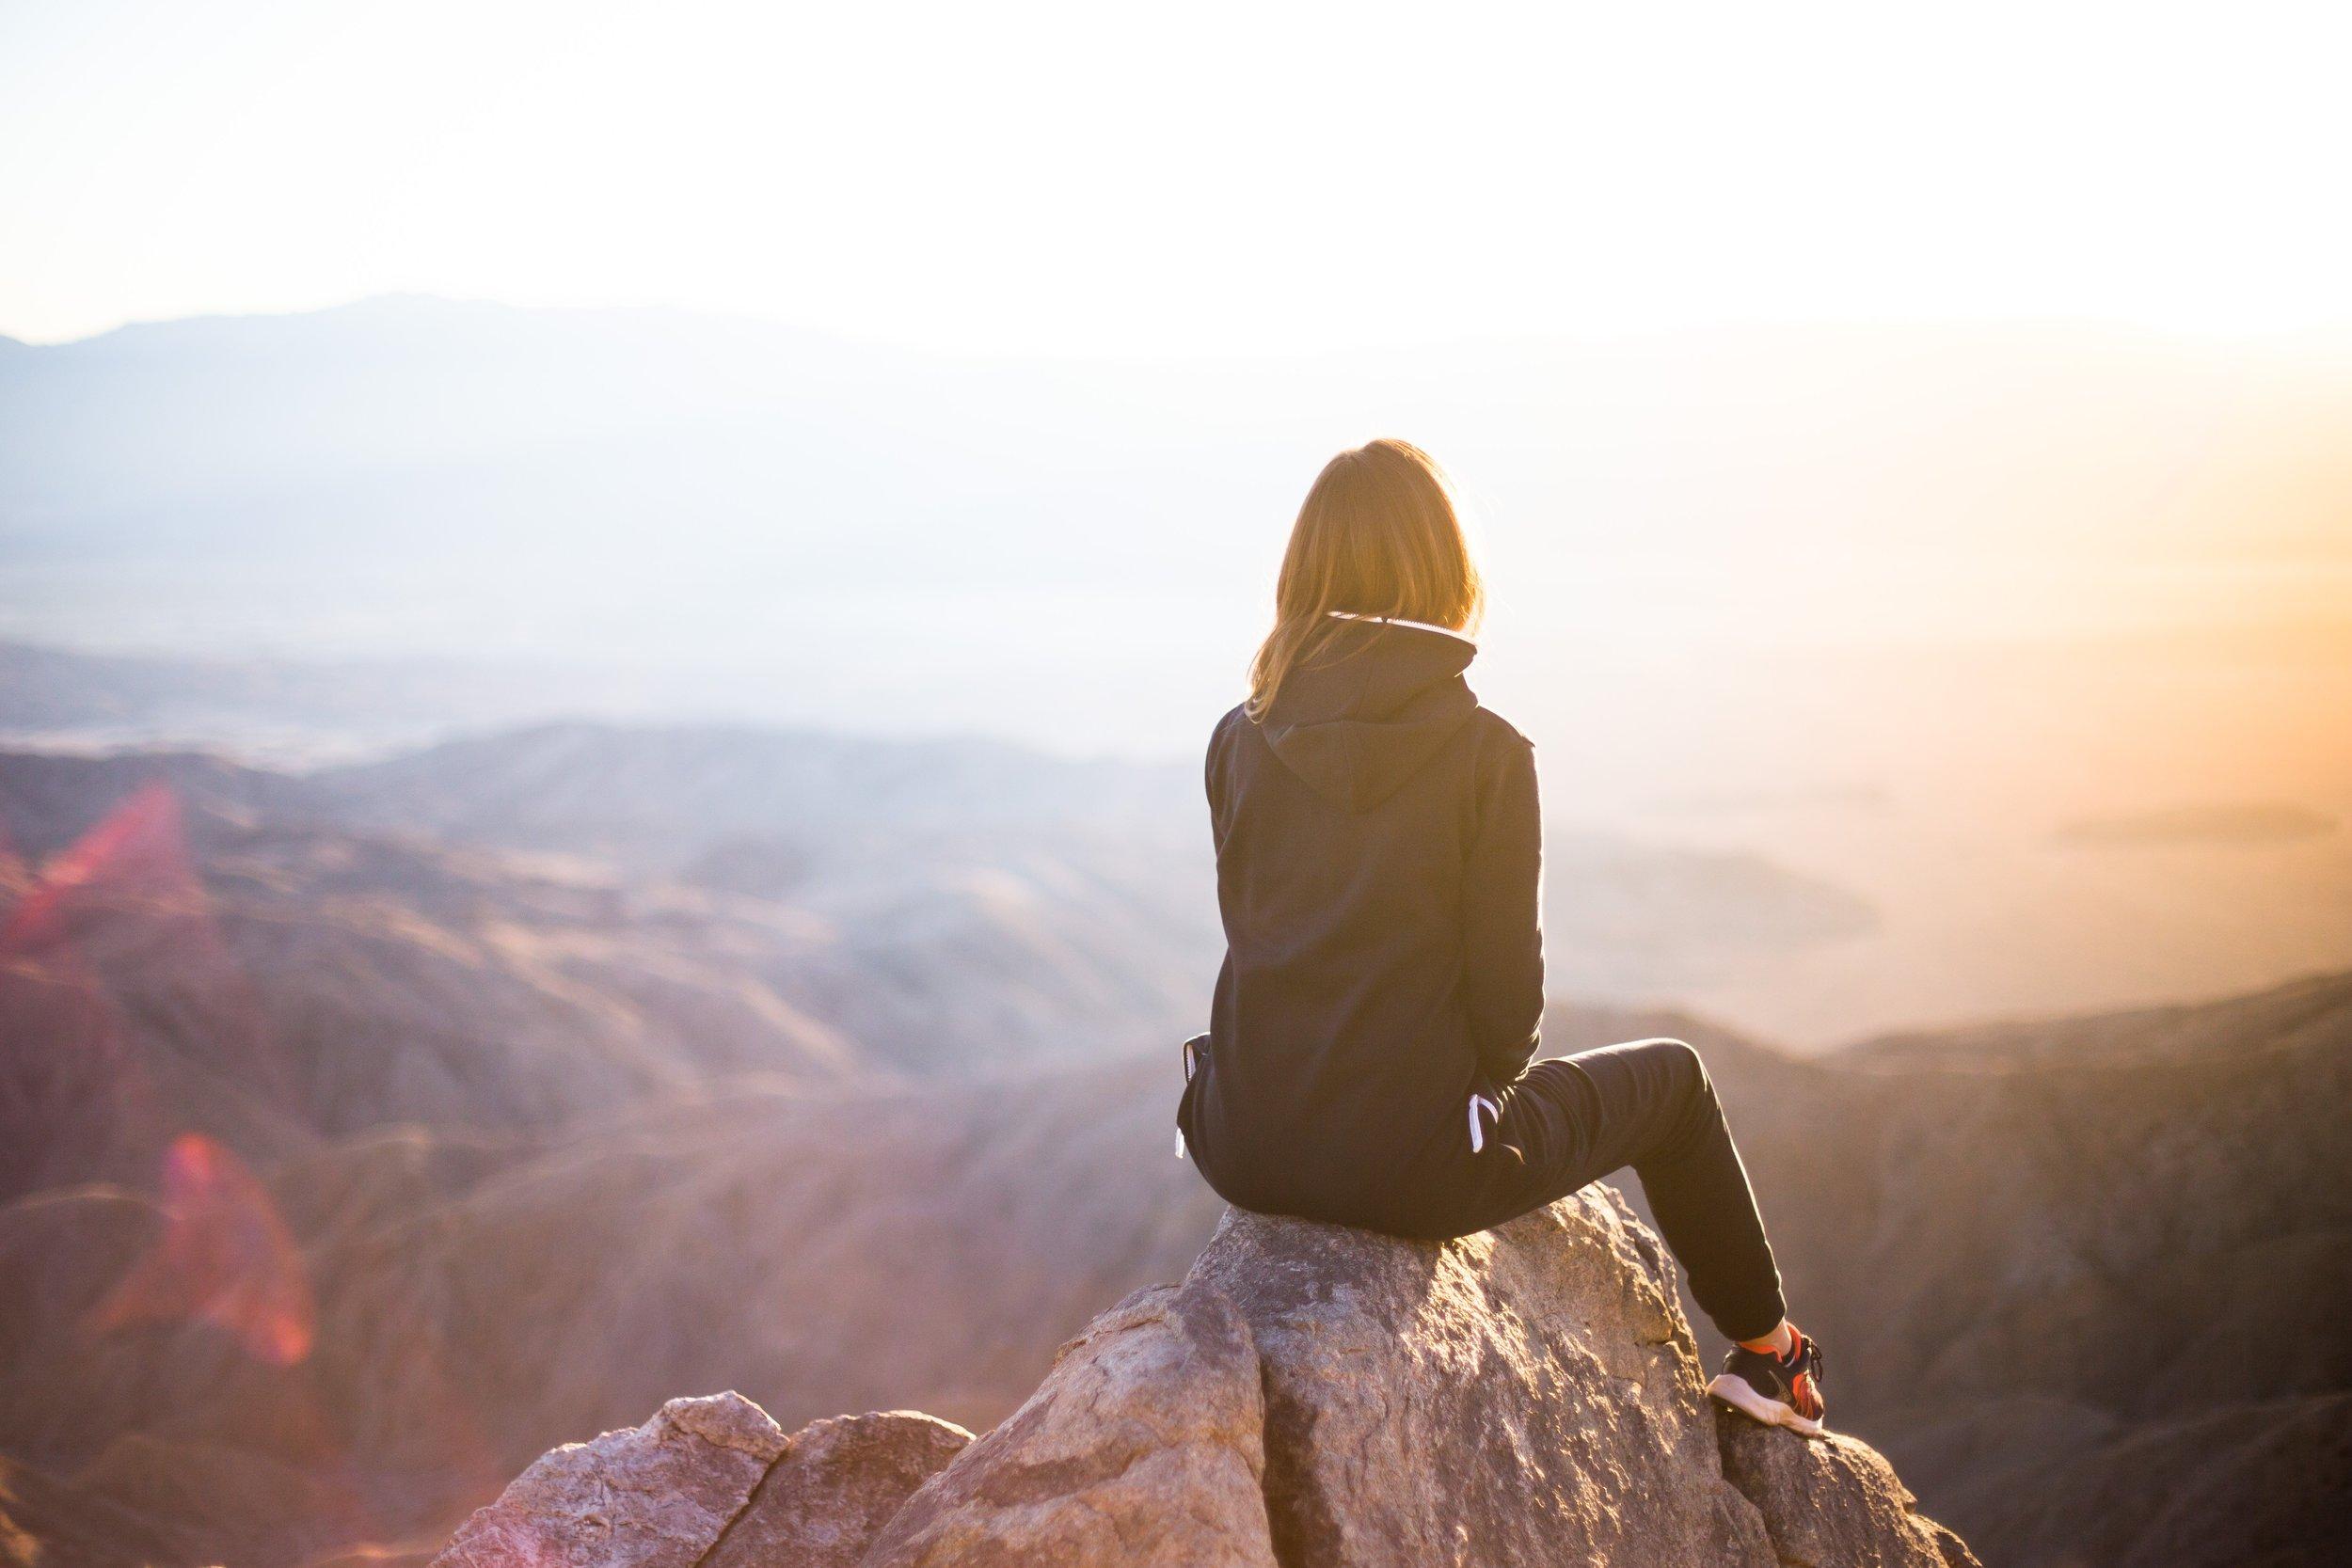 Counselling Biográfico - Ao fazer um biográfico a pessoa revê, passo a passo, os eventos de sua jornada de vida, revivendo os impulsos, sentimentos e anseios que permearam as suas experiências, desde a infância até o seu o seu momento atual. Ao final do counselling biográfico, é possível ter uma visão panorâmica de sua própria vida.